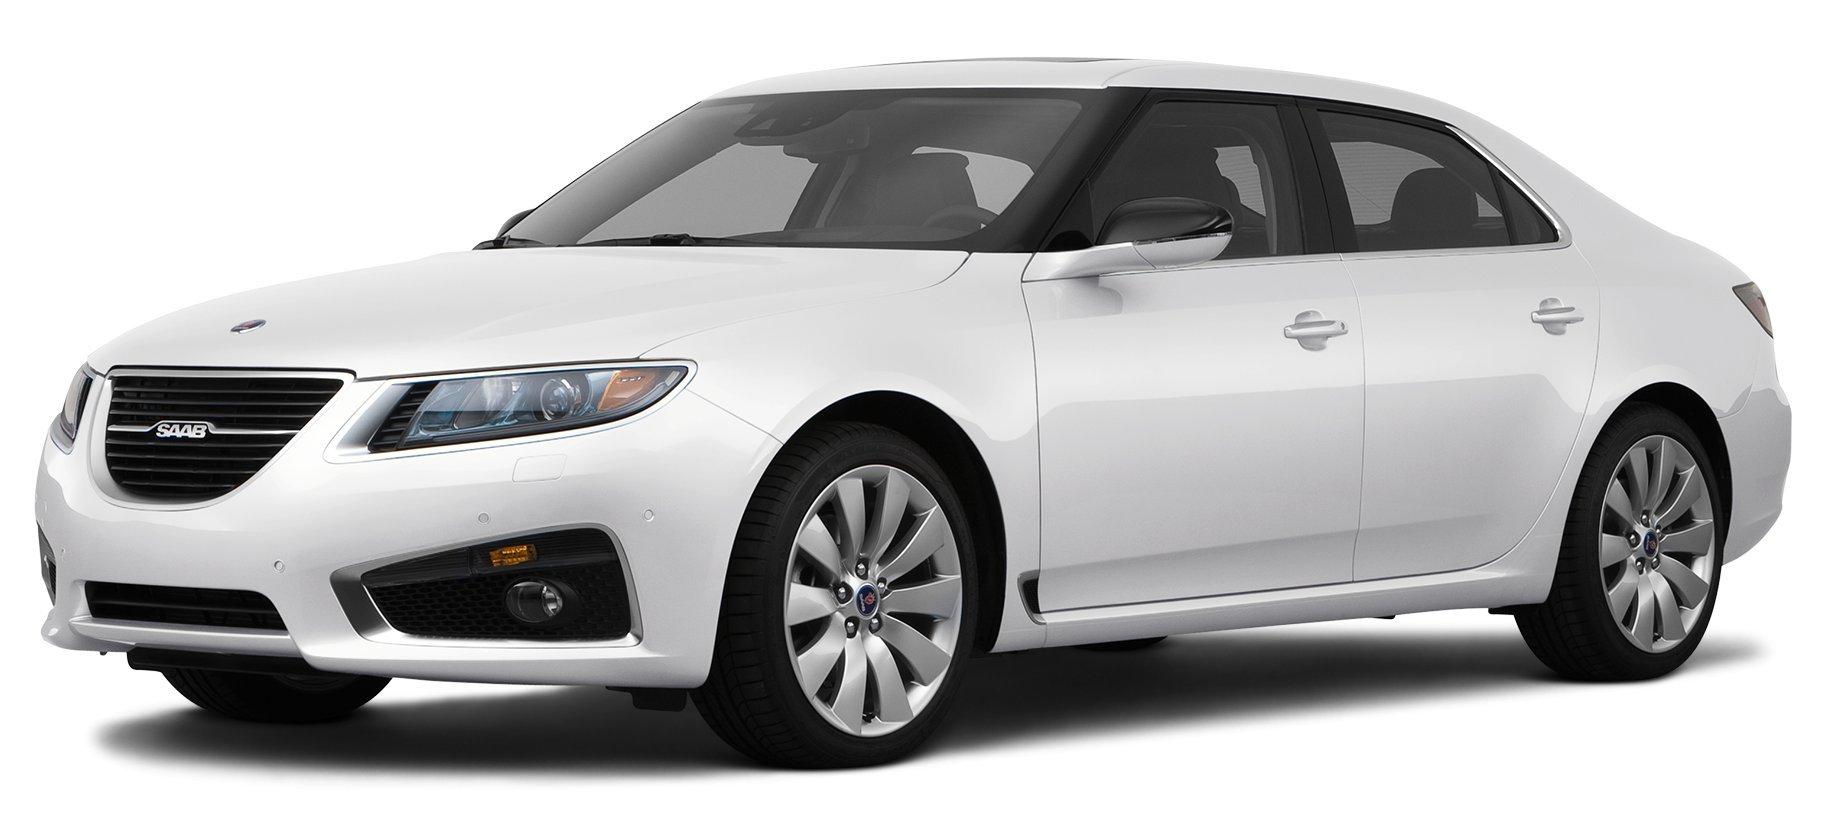 2011 Saab 9-5 Aero XWD, 4-Door Sedan *Limited Availability* ...